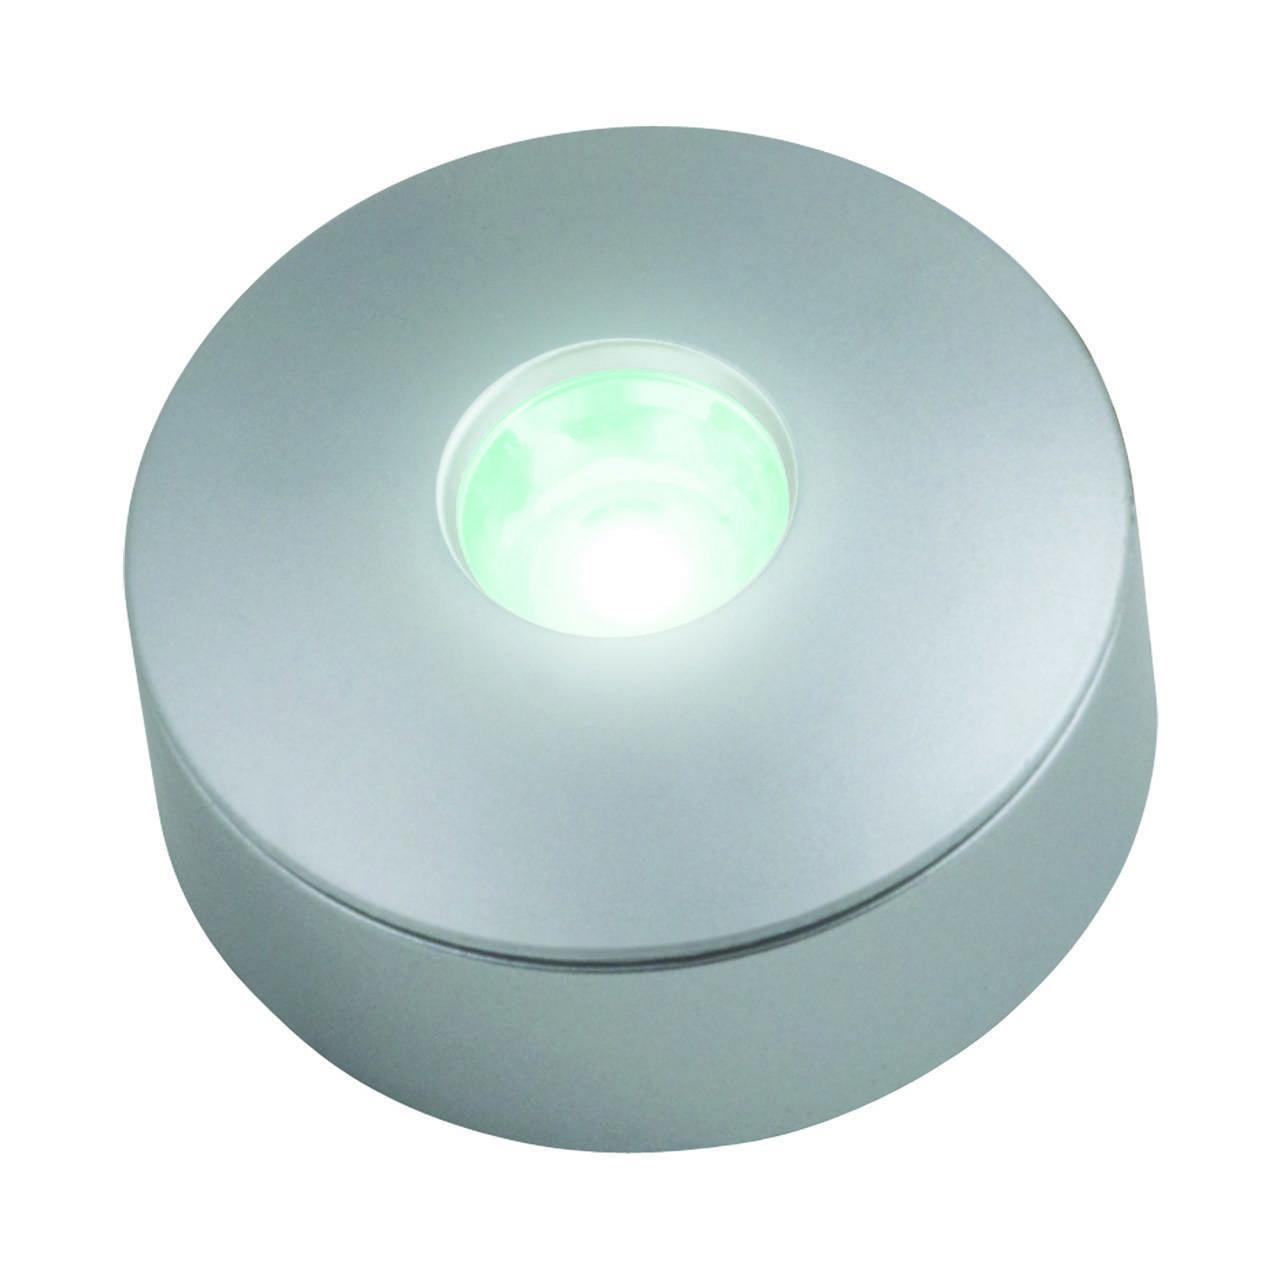 Светильник Uniel Ule-r04-1w/nw ip33 silver